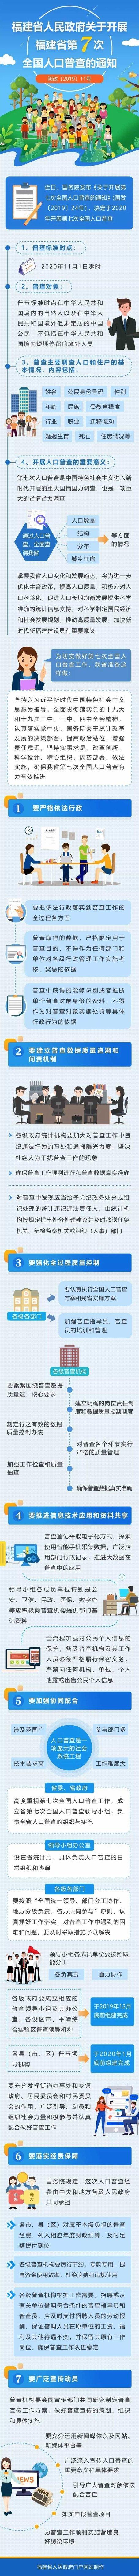 福建省政府部署第七次全国人口普查工作